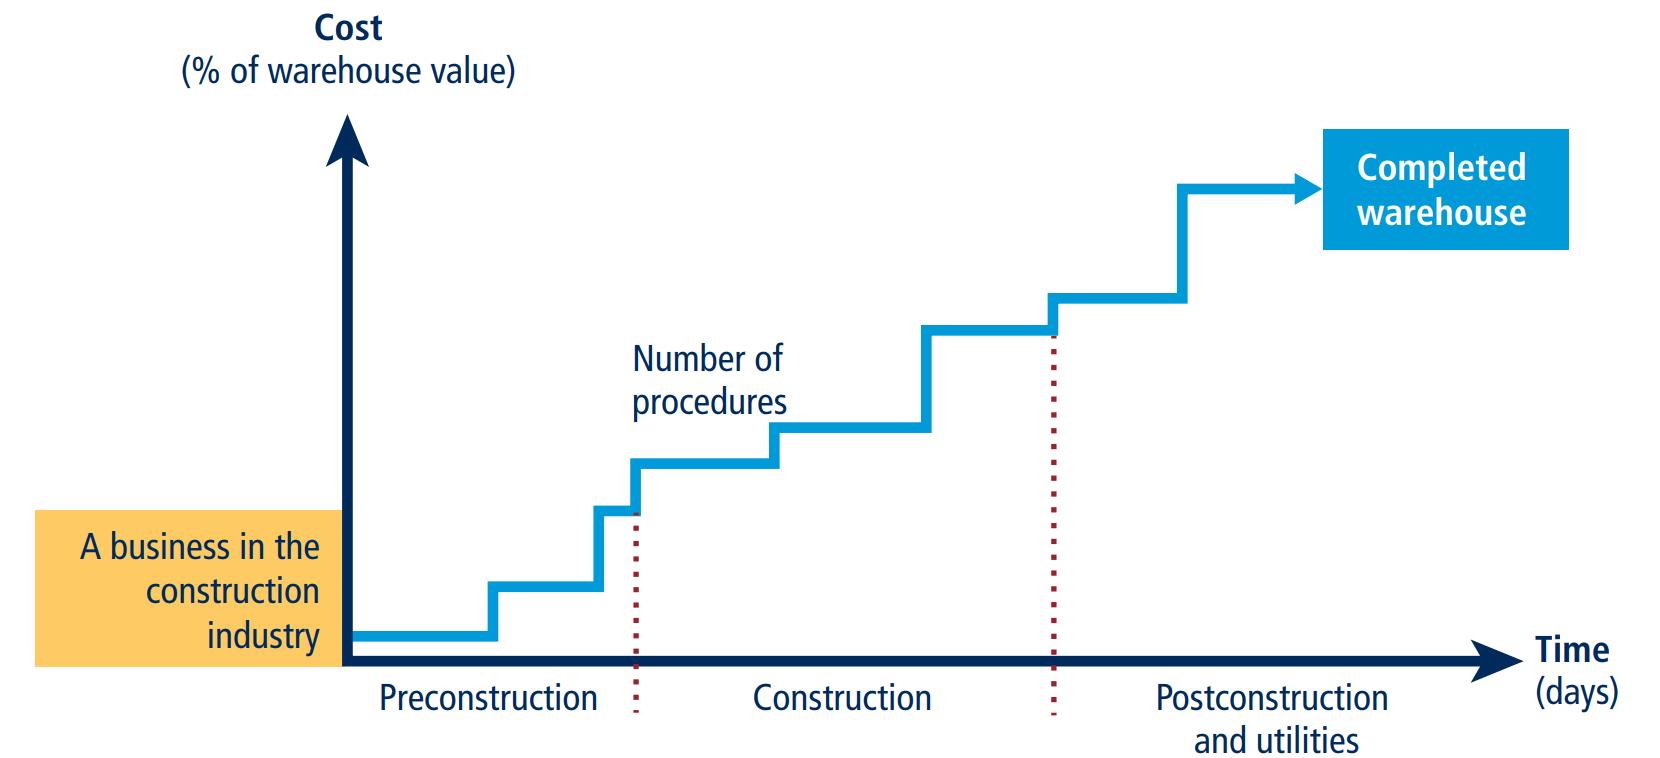 ภาพแสดง ระยะเวลา ต้นทุน และจำนวนขั้นตอนในการปฏิบัติตามพิธีการในการสร้างคลังสินค้า